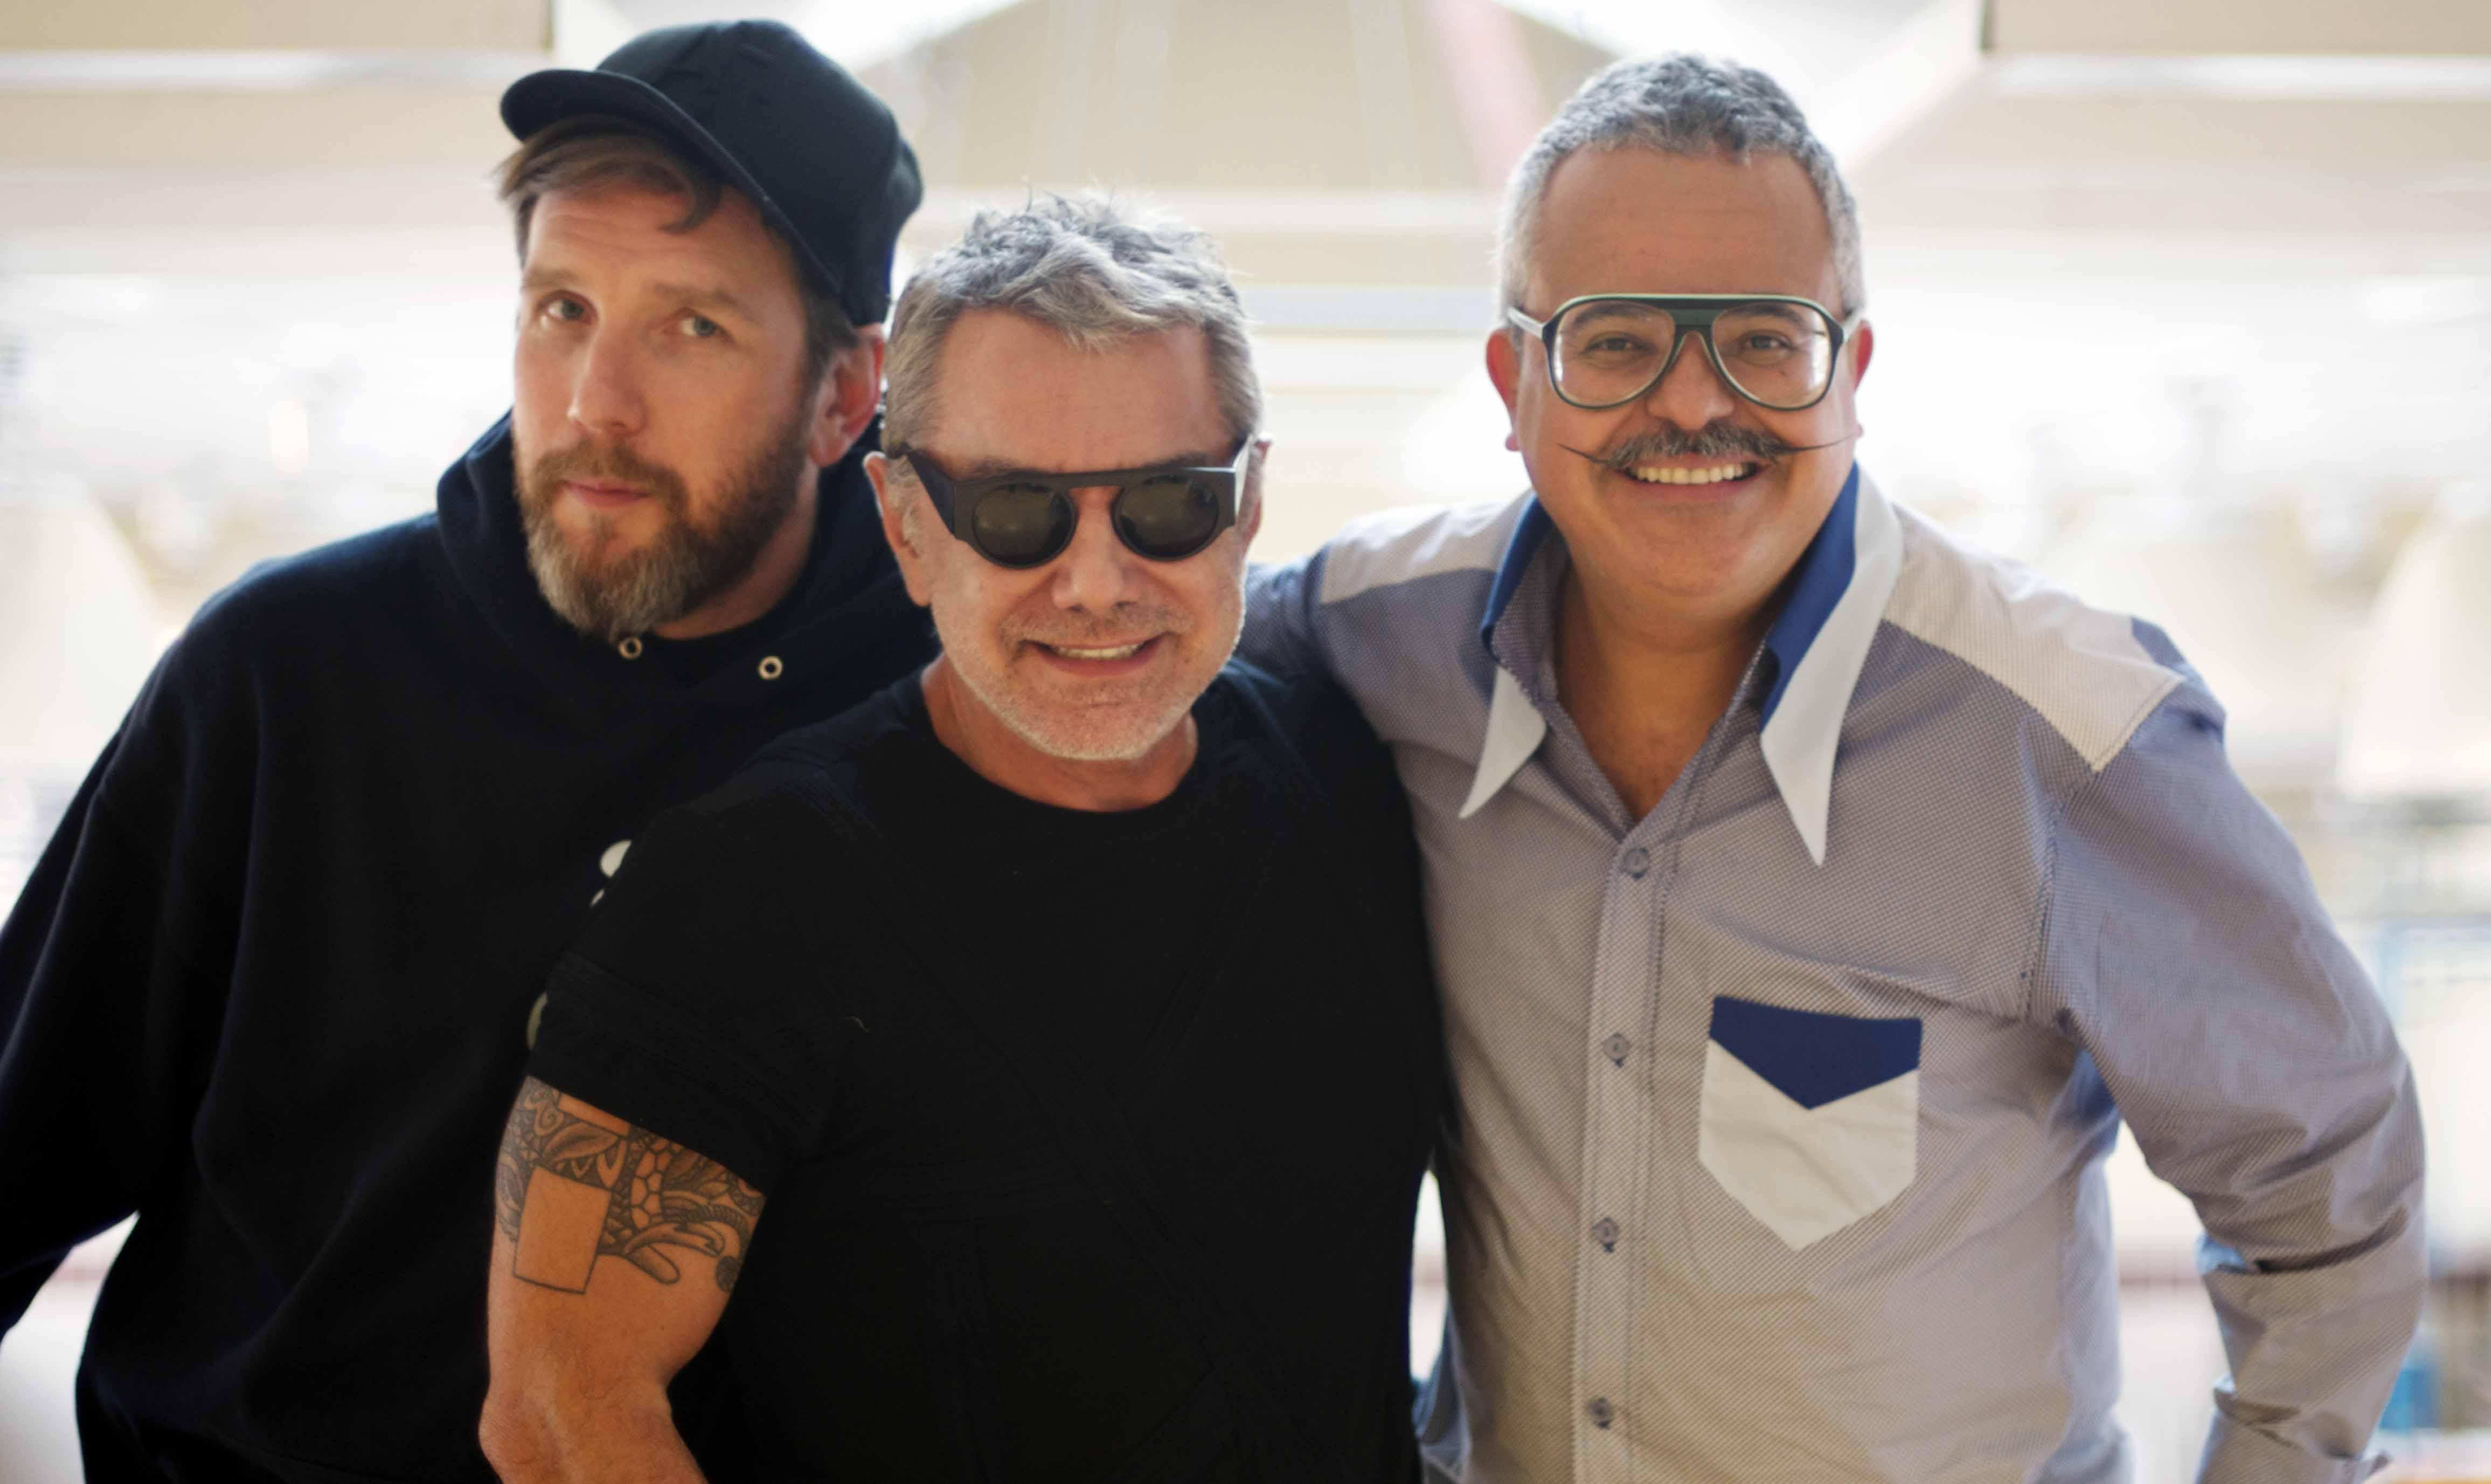 Os top estilistas Alexandre Herchcovitch, Lino Villaventura e Ronaldo Fraga acompanham todo o processo. Foto: Divulgação